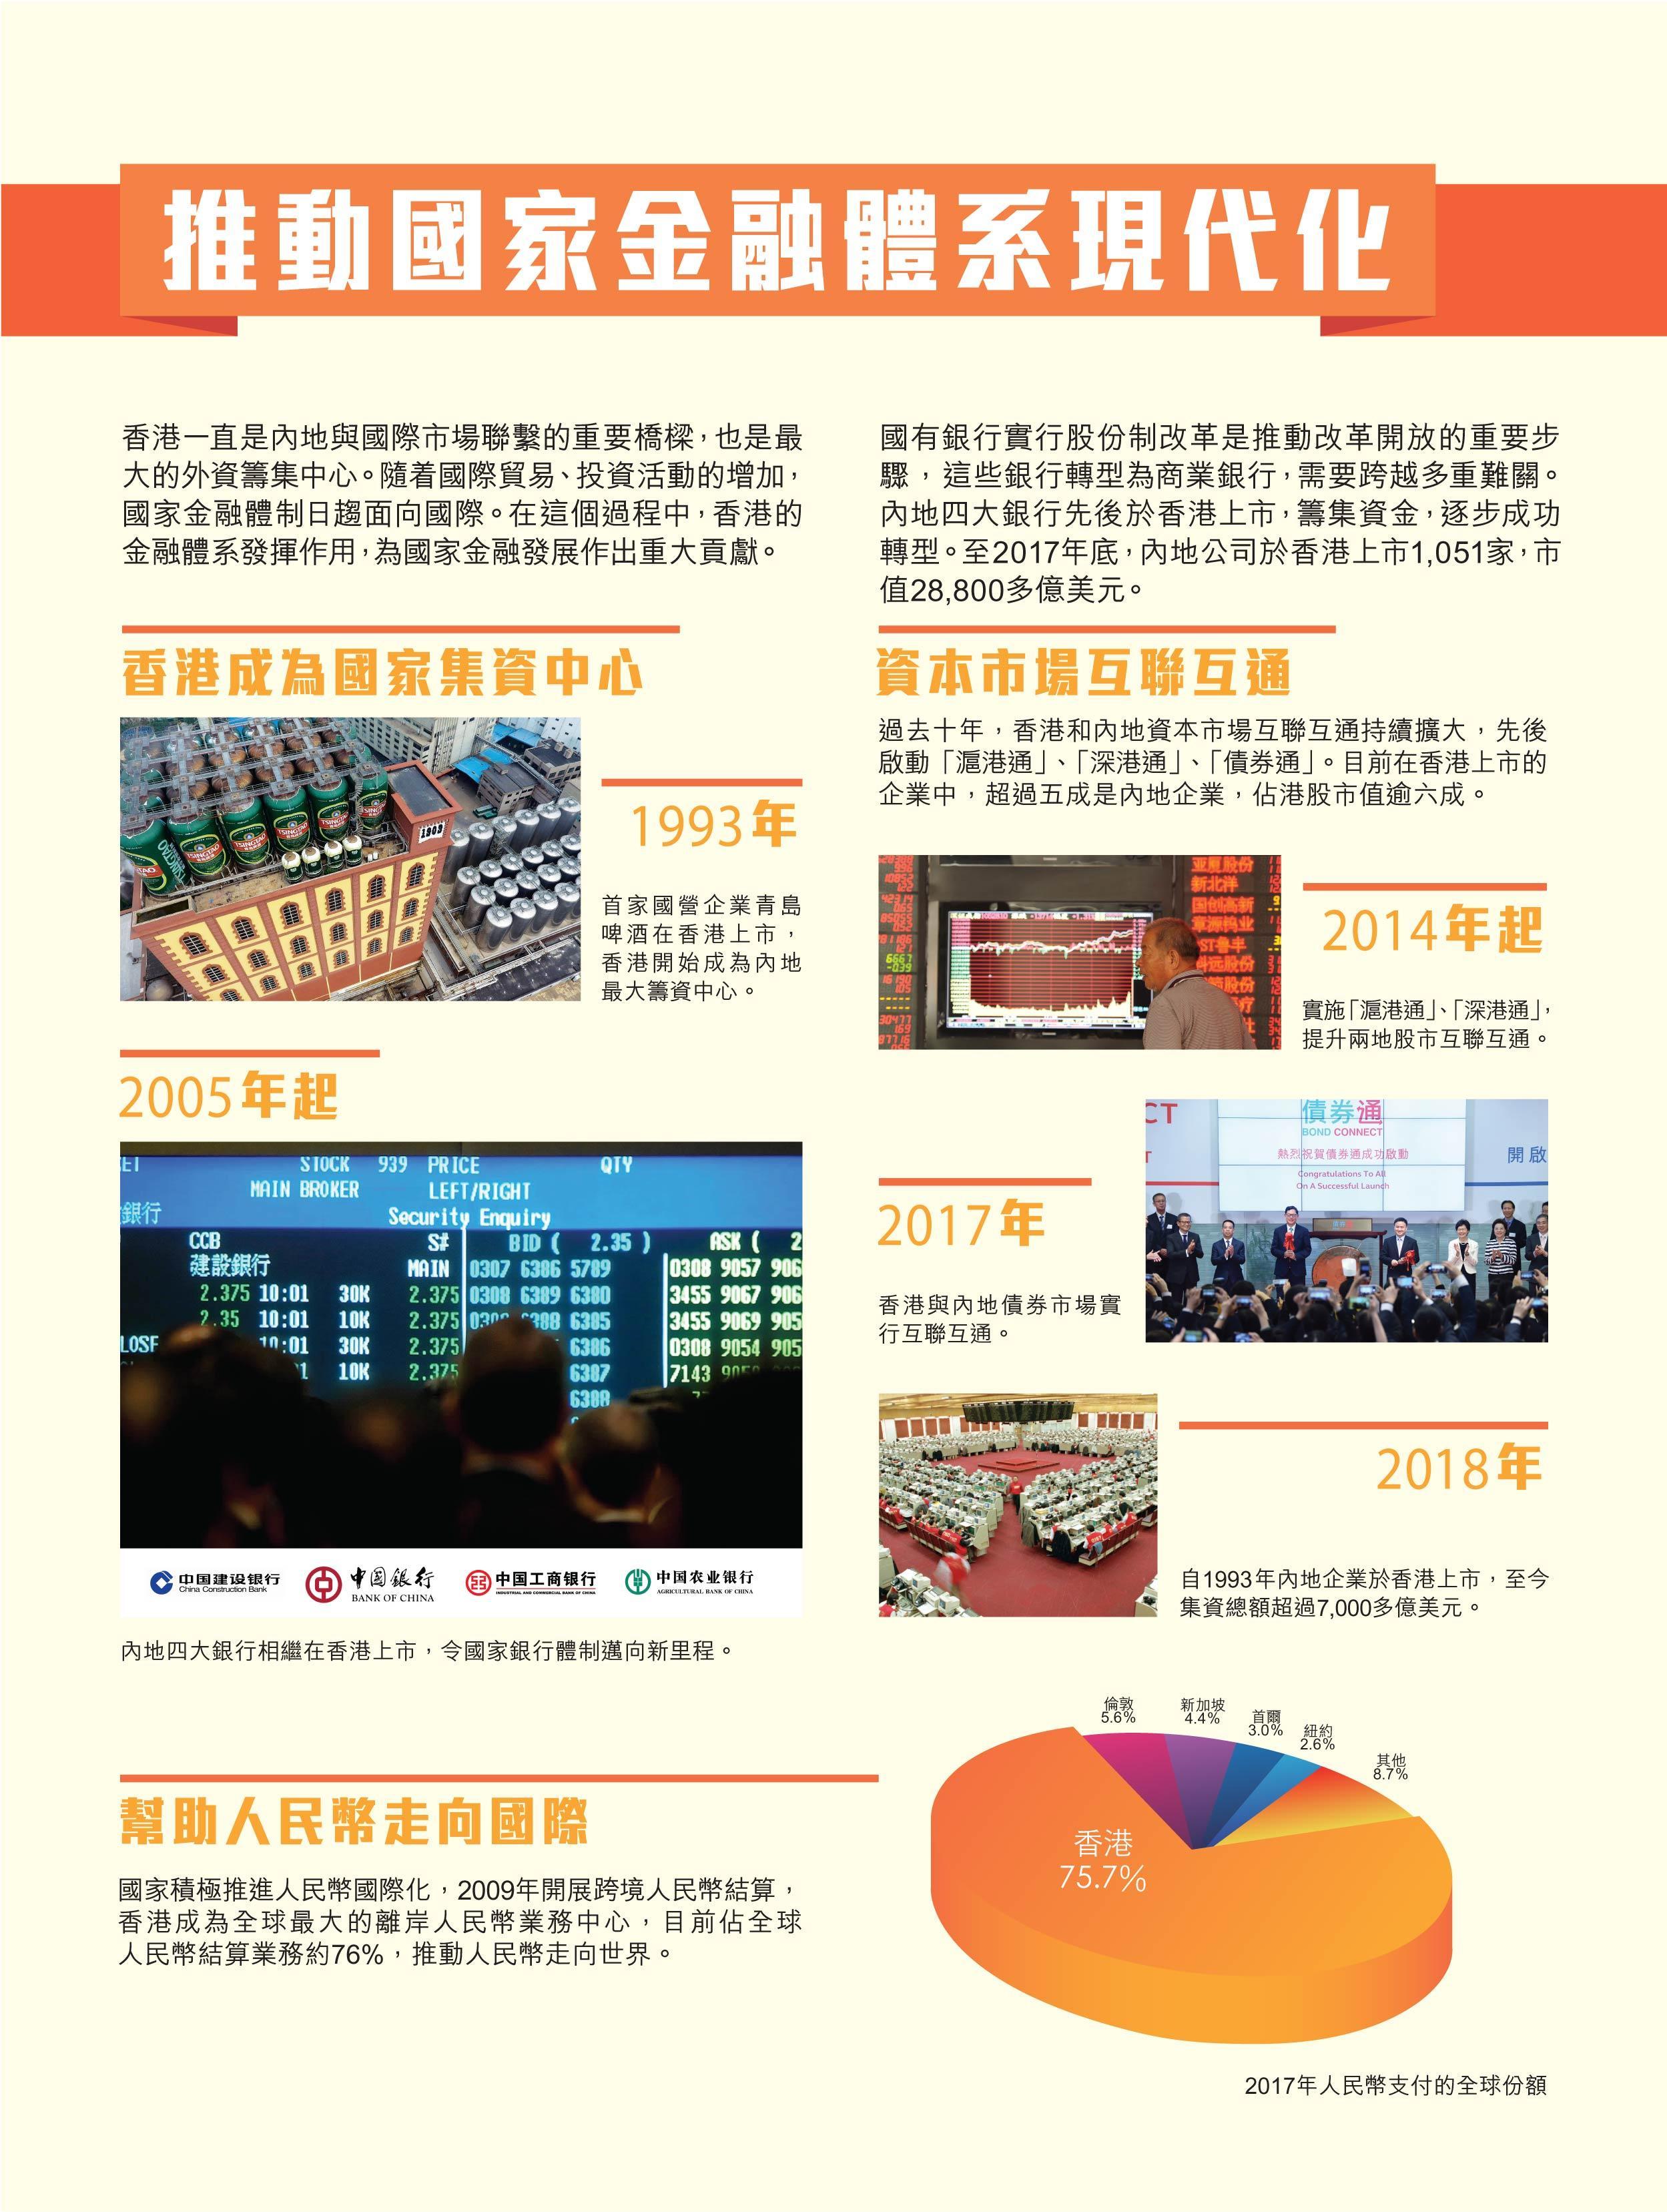 gaige_xiangganggongxian_panel_p6_aw_oct29_websize_tuidongguojia